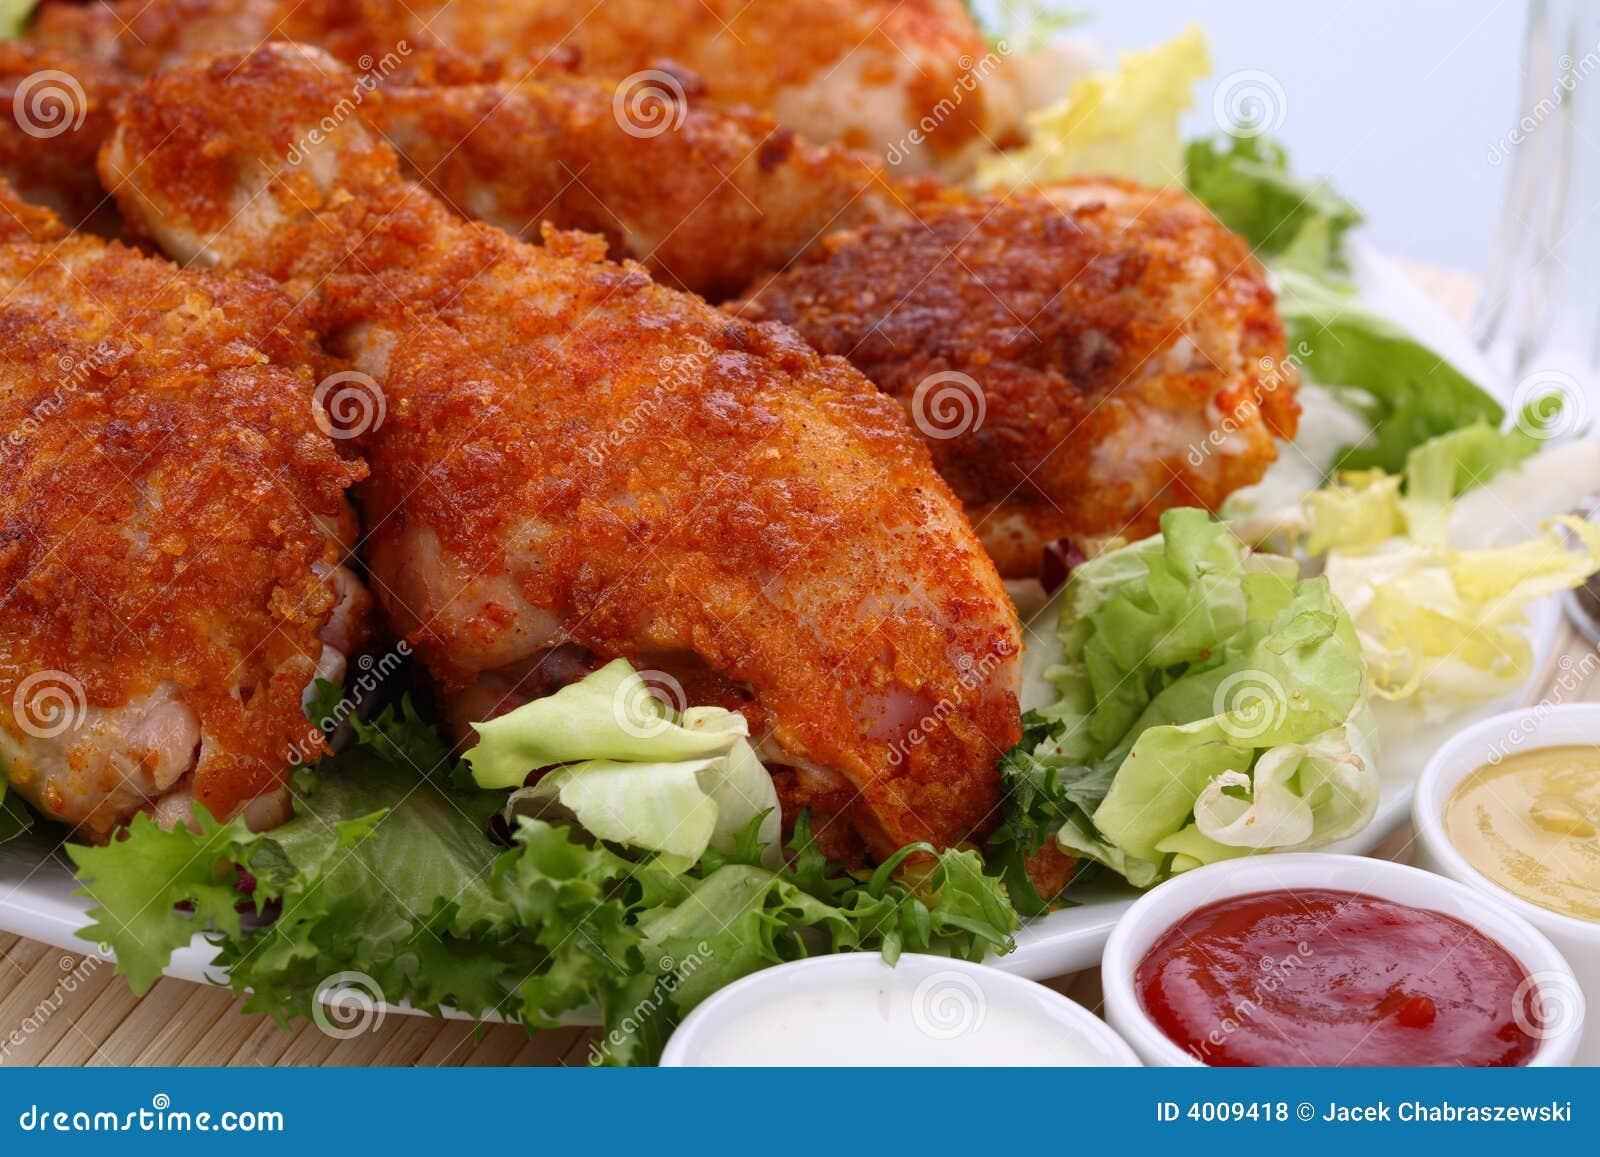 Pattes de poulet rôti